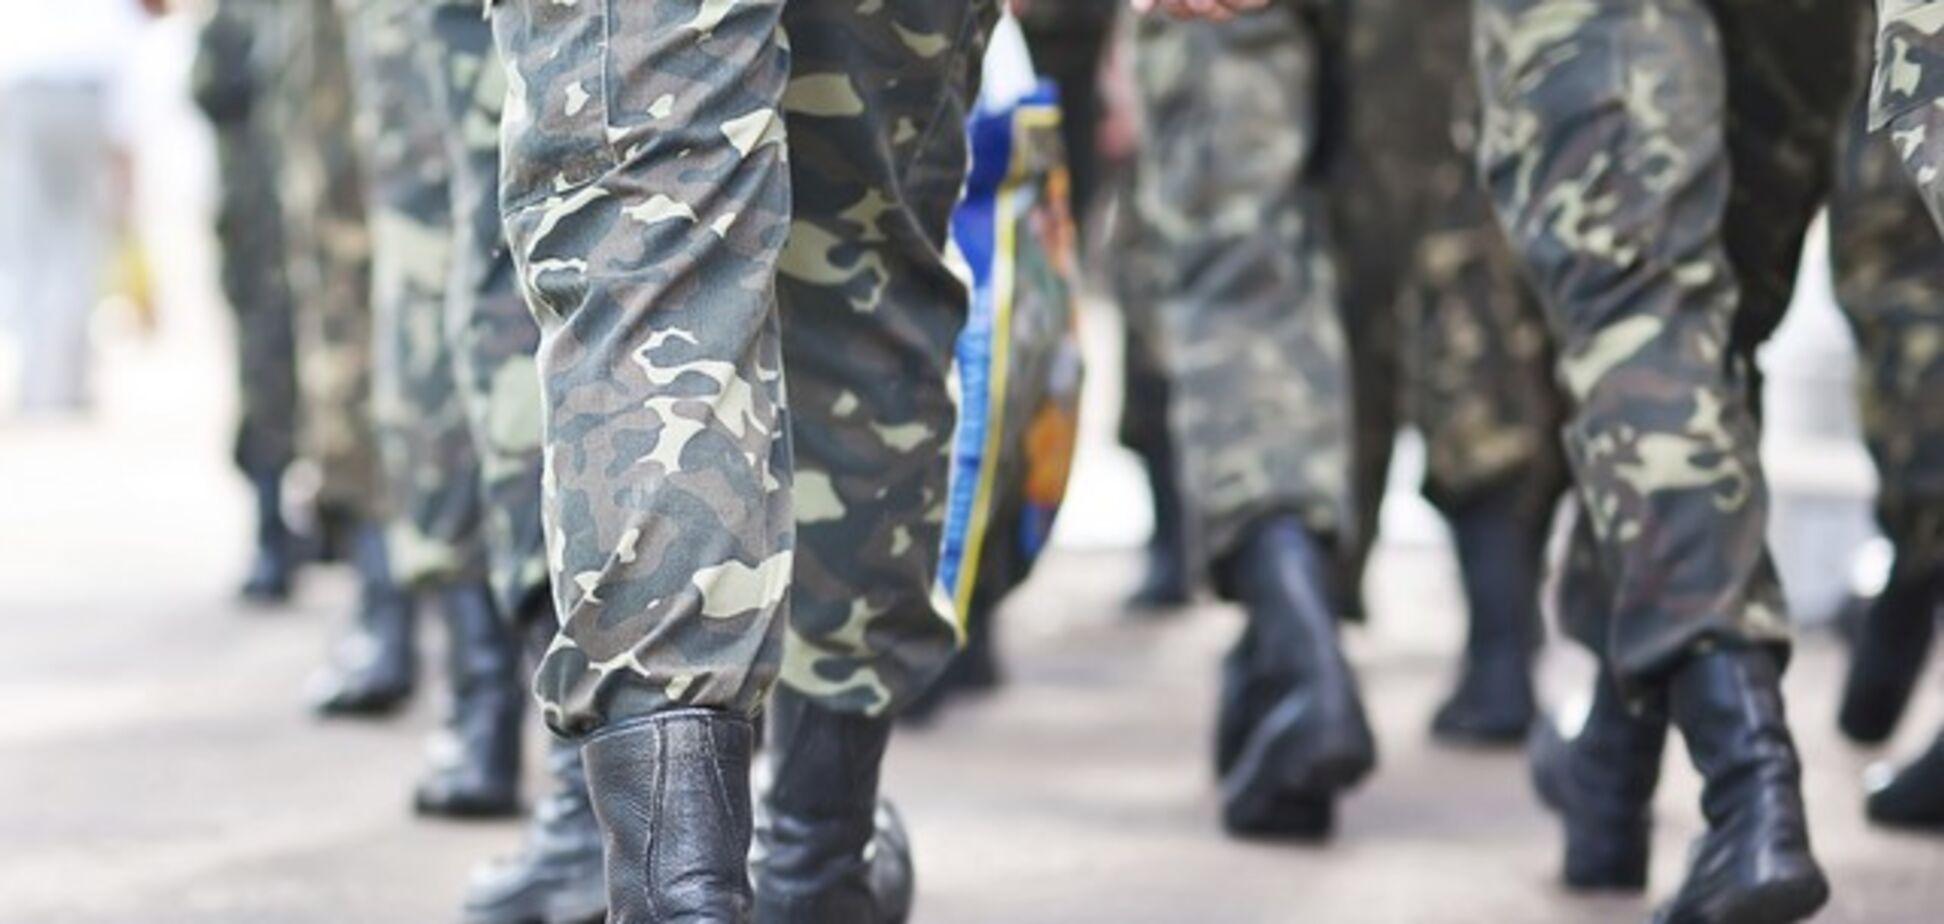 Мобилизация в Украине: суд поставил точку в вопросе особого режима